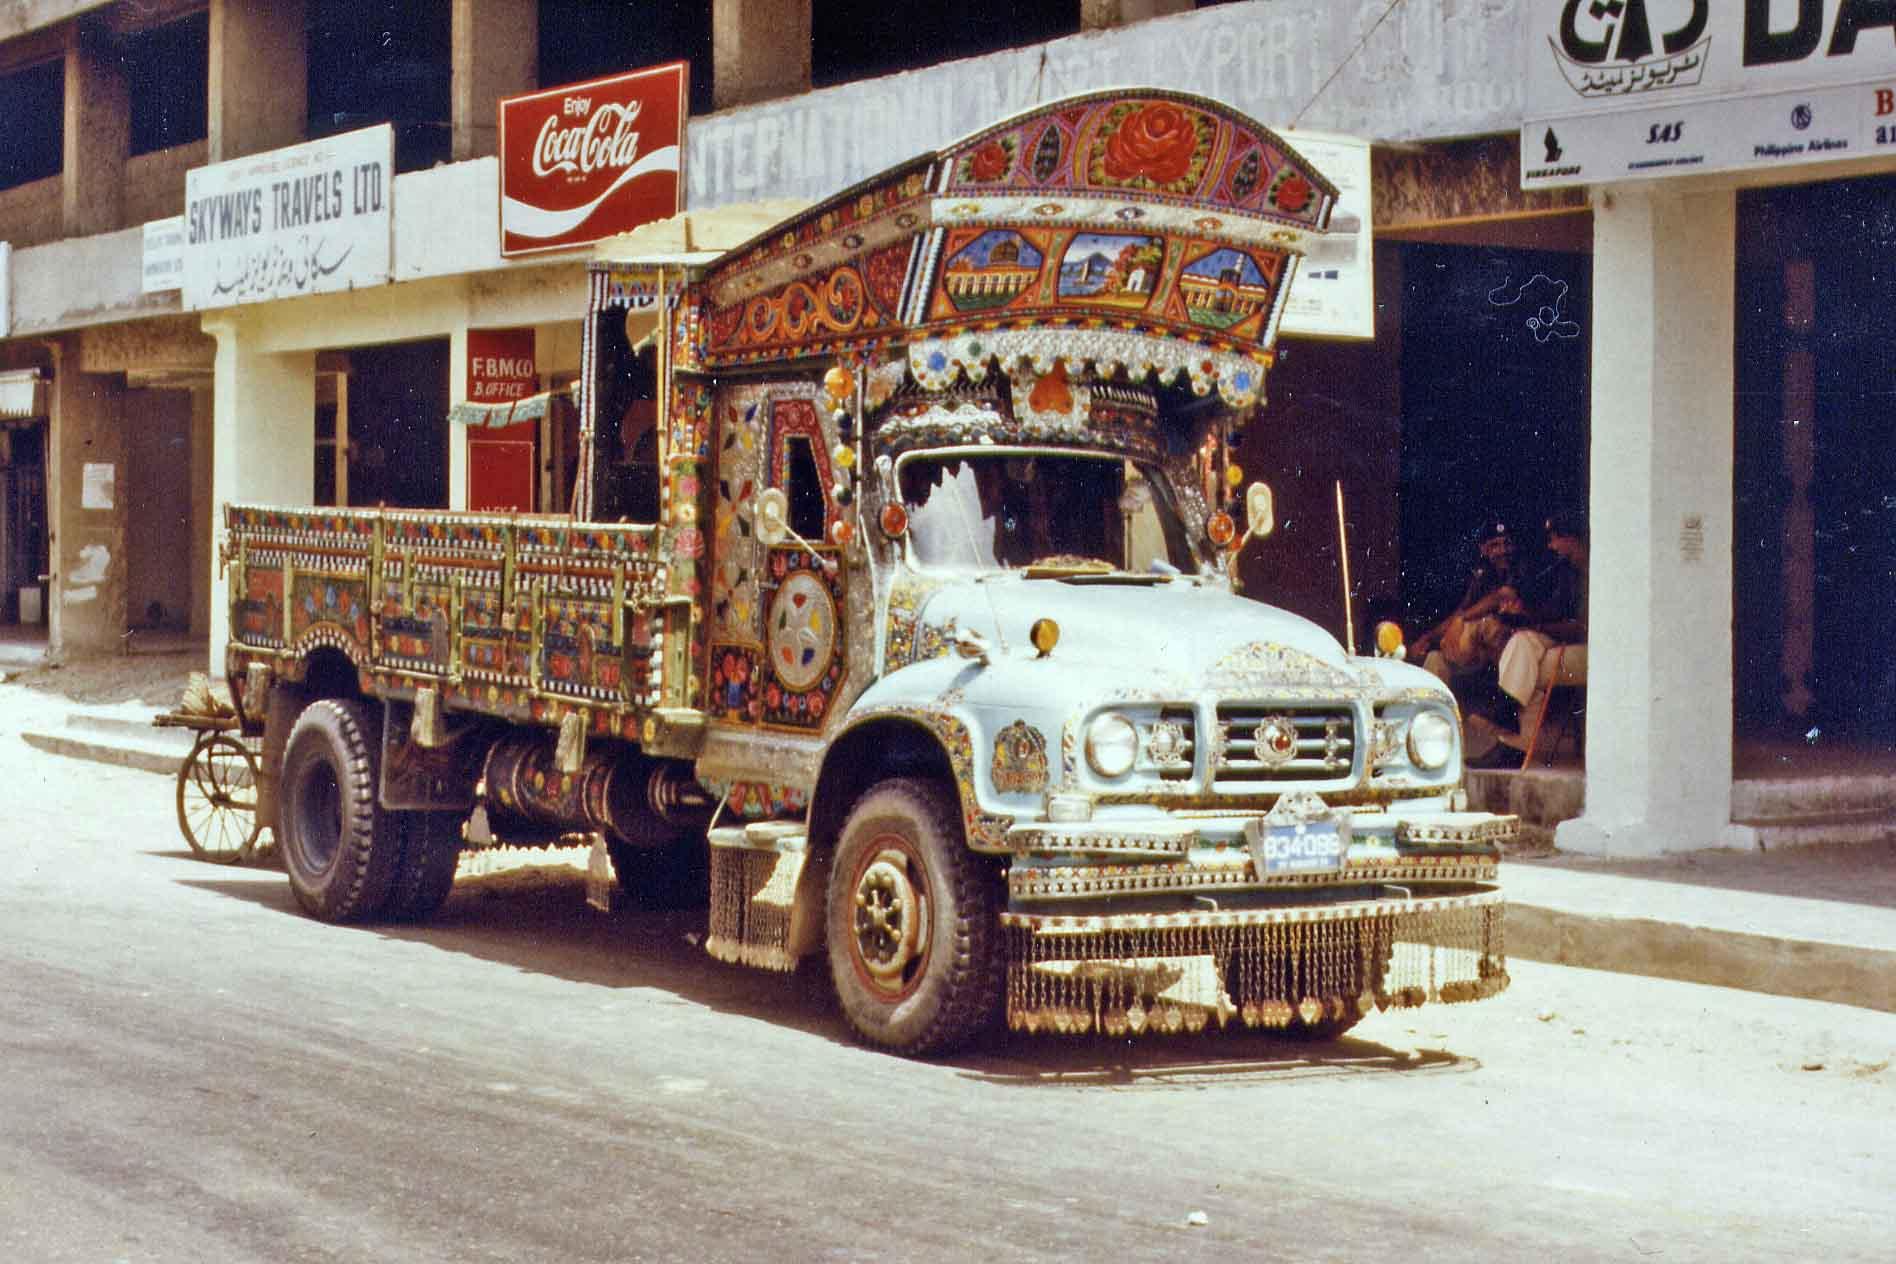 Truck in Karachi, Pakistan